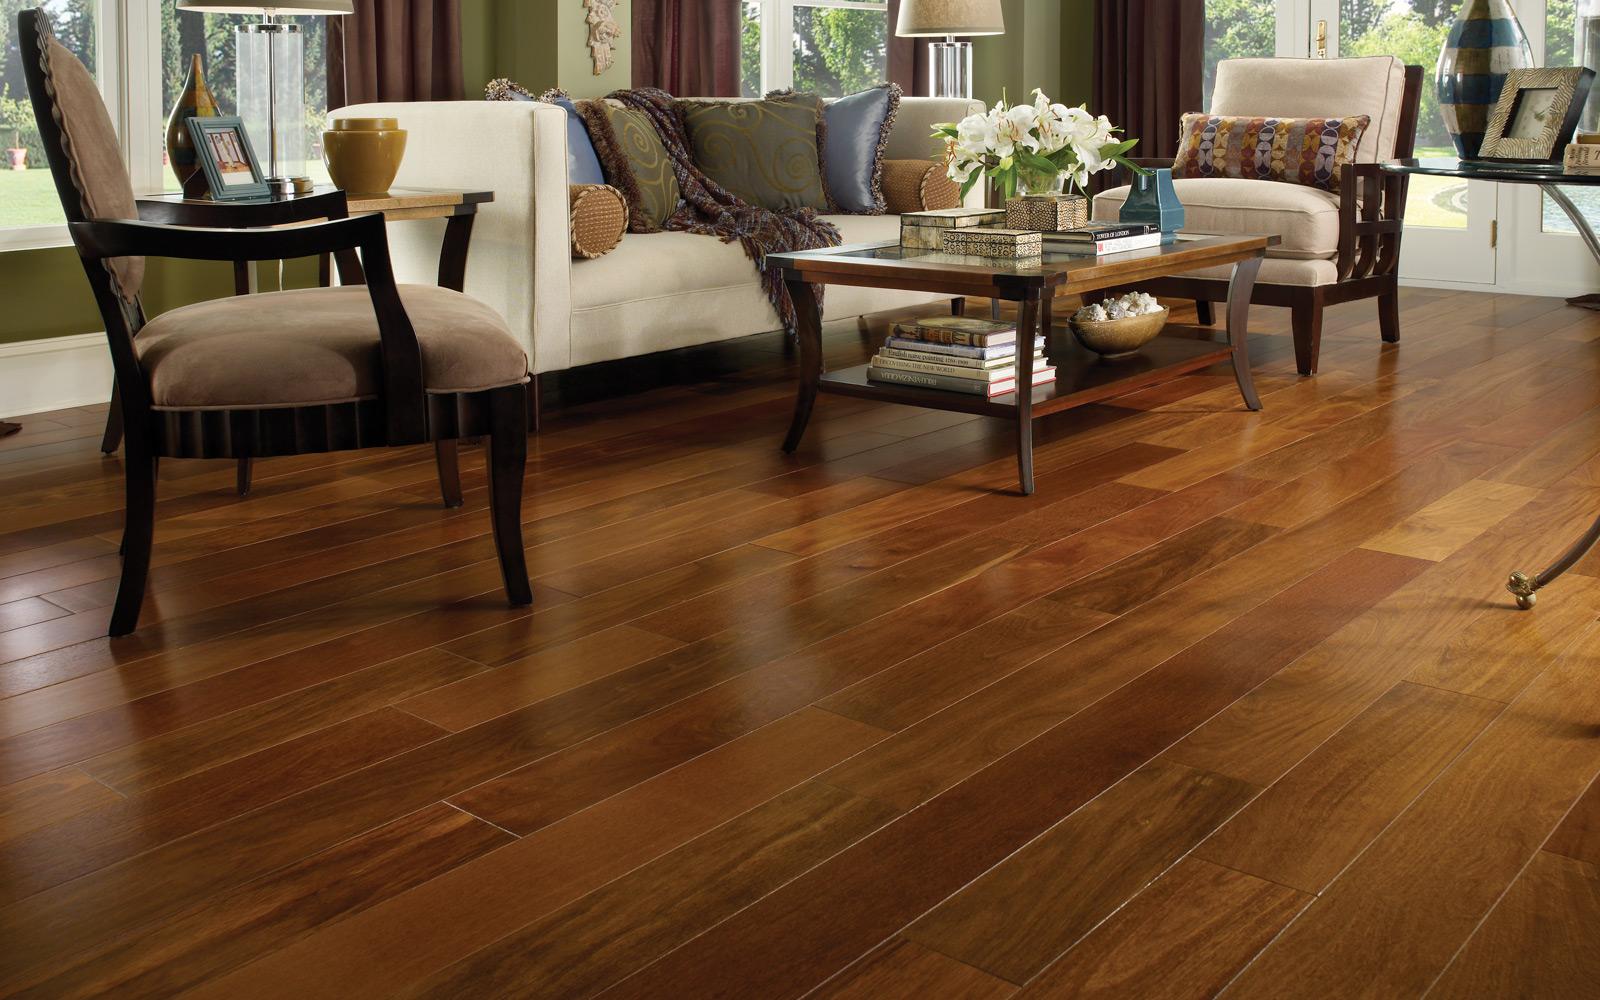 Jak opravit starou dřevěnou podlahu?